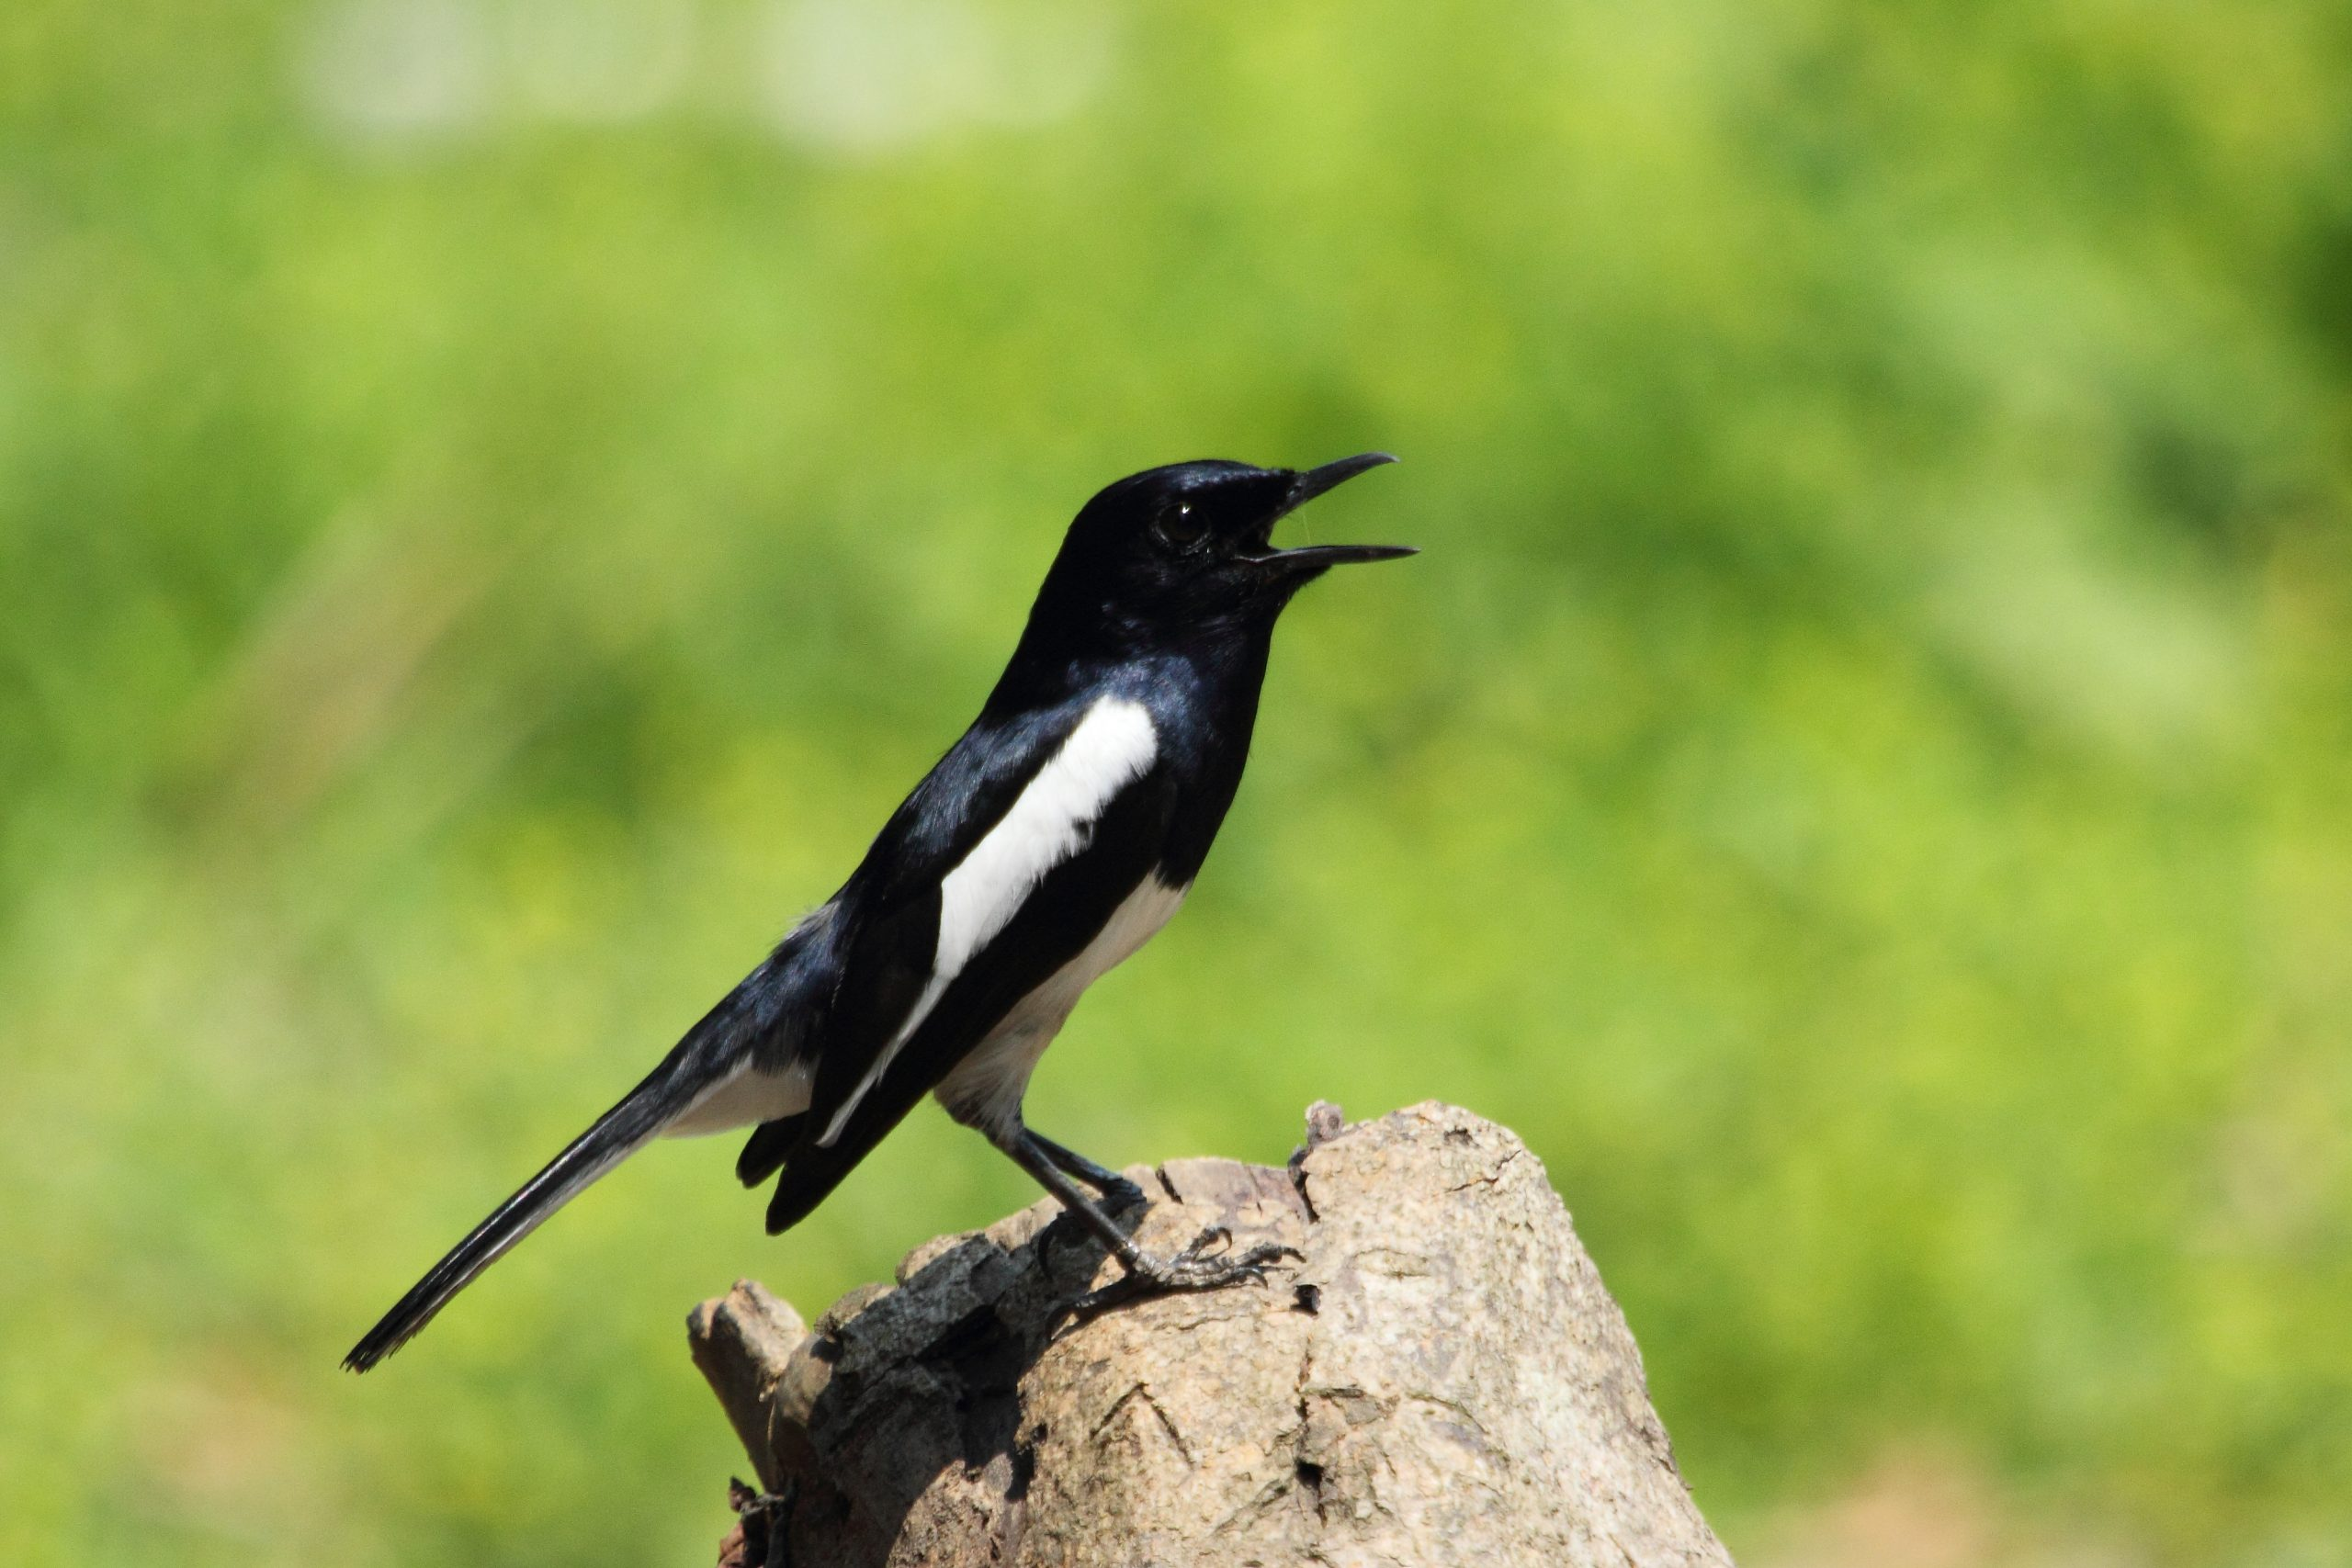 Common magpie bird